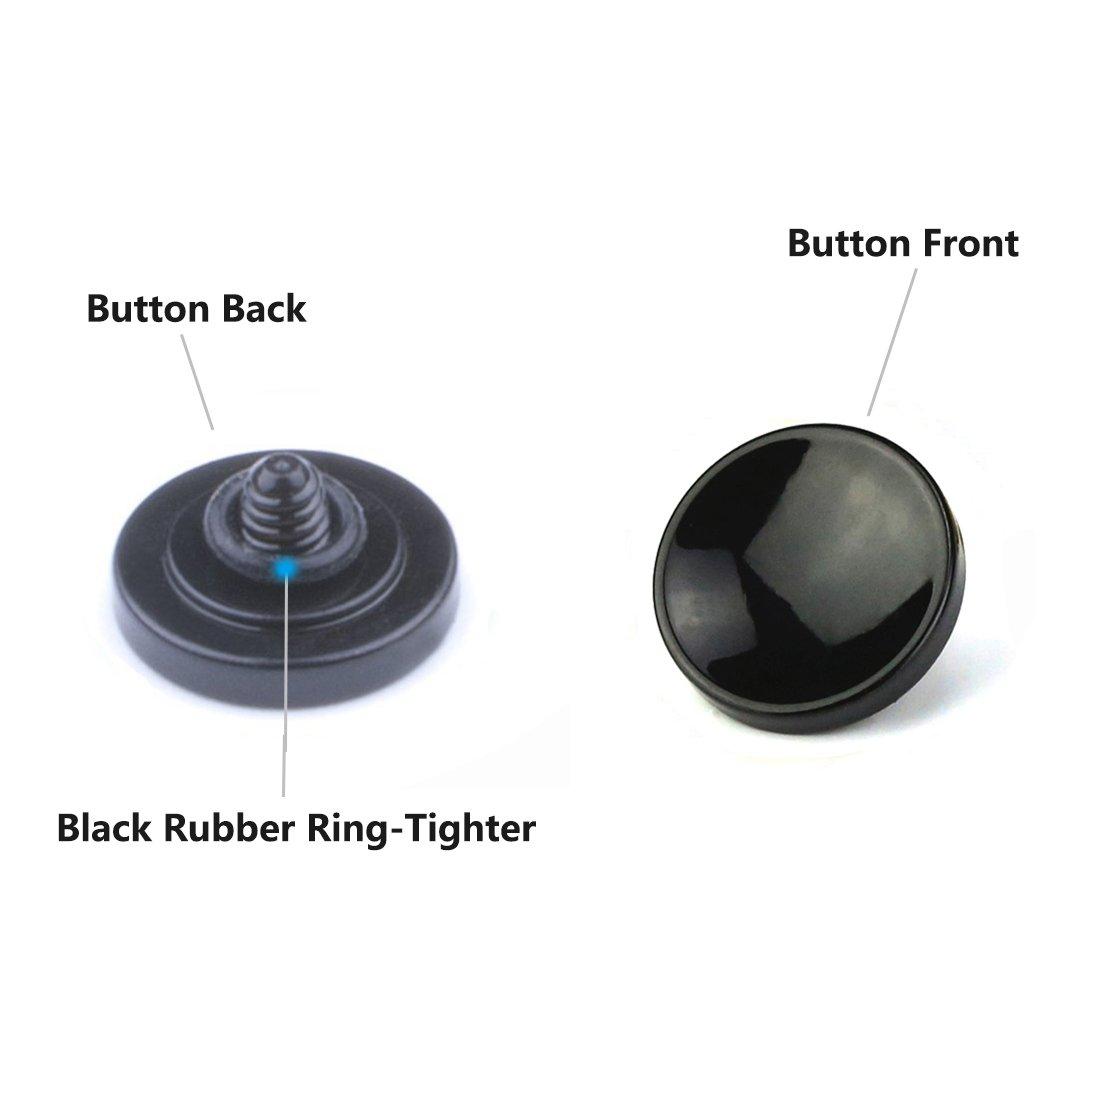 LXH 2 piezas negro Bot/ón t/áctil de metal suave Bot/ón t/áctil para cualquier lanzamiento de rosca est/ándar para Fujifilm X-PRO2 XPRO-1 X100F X100T X100 X100S X10 X20 X30